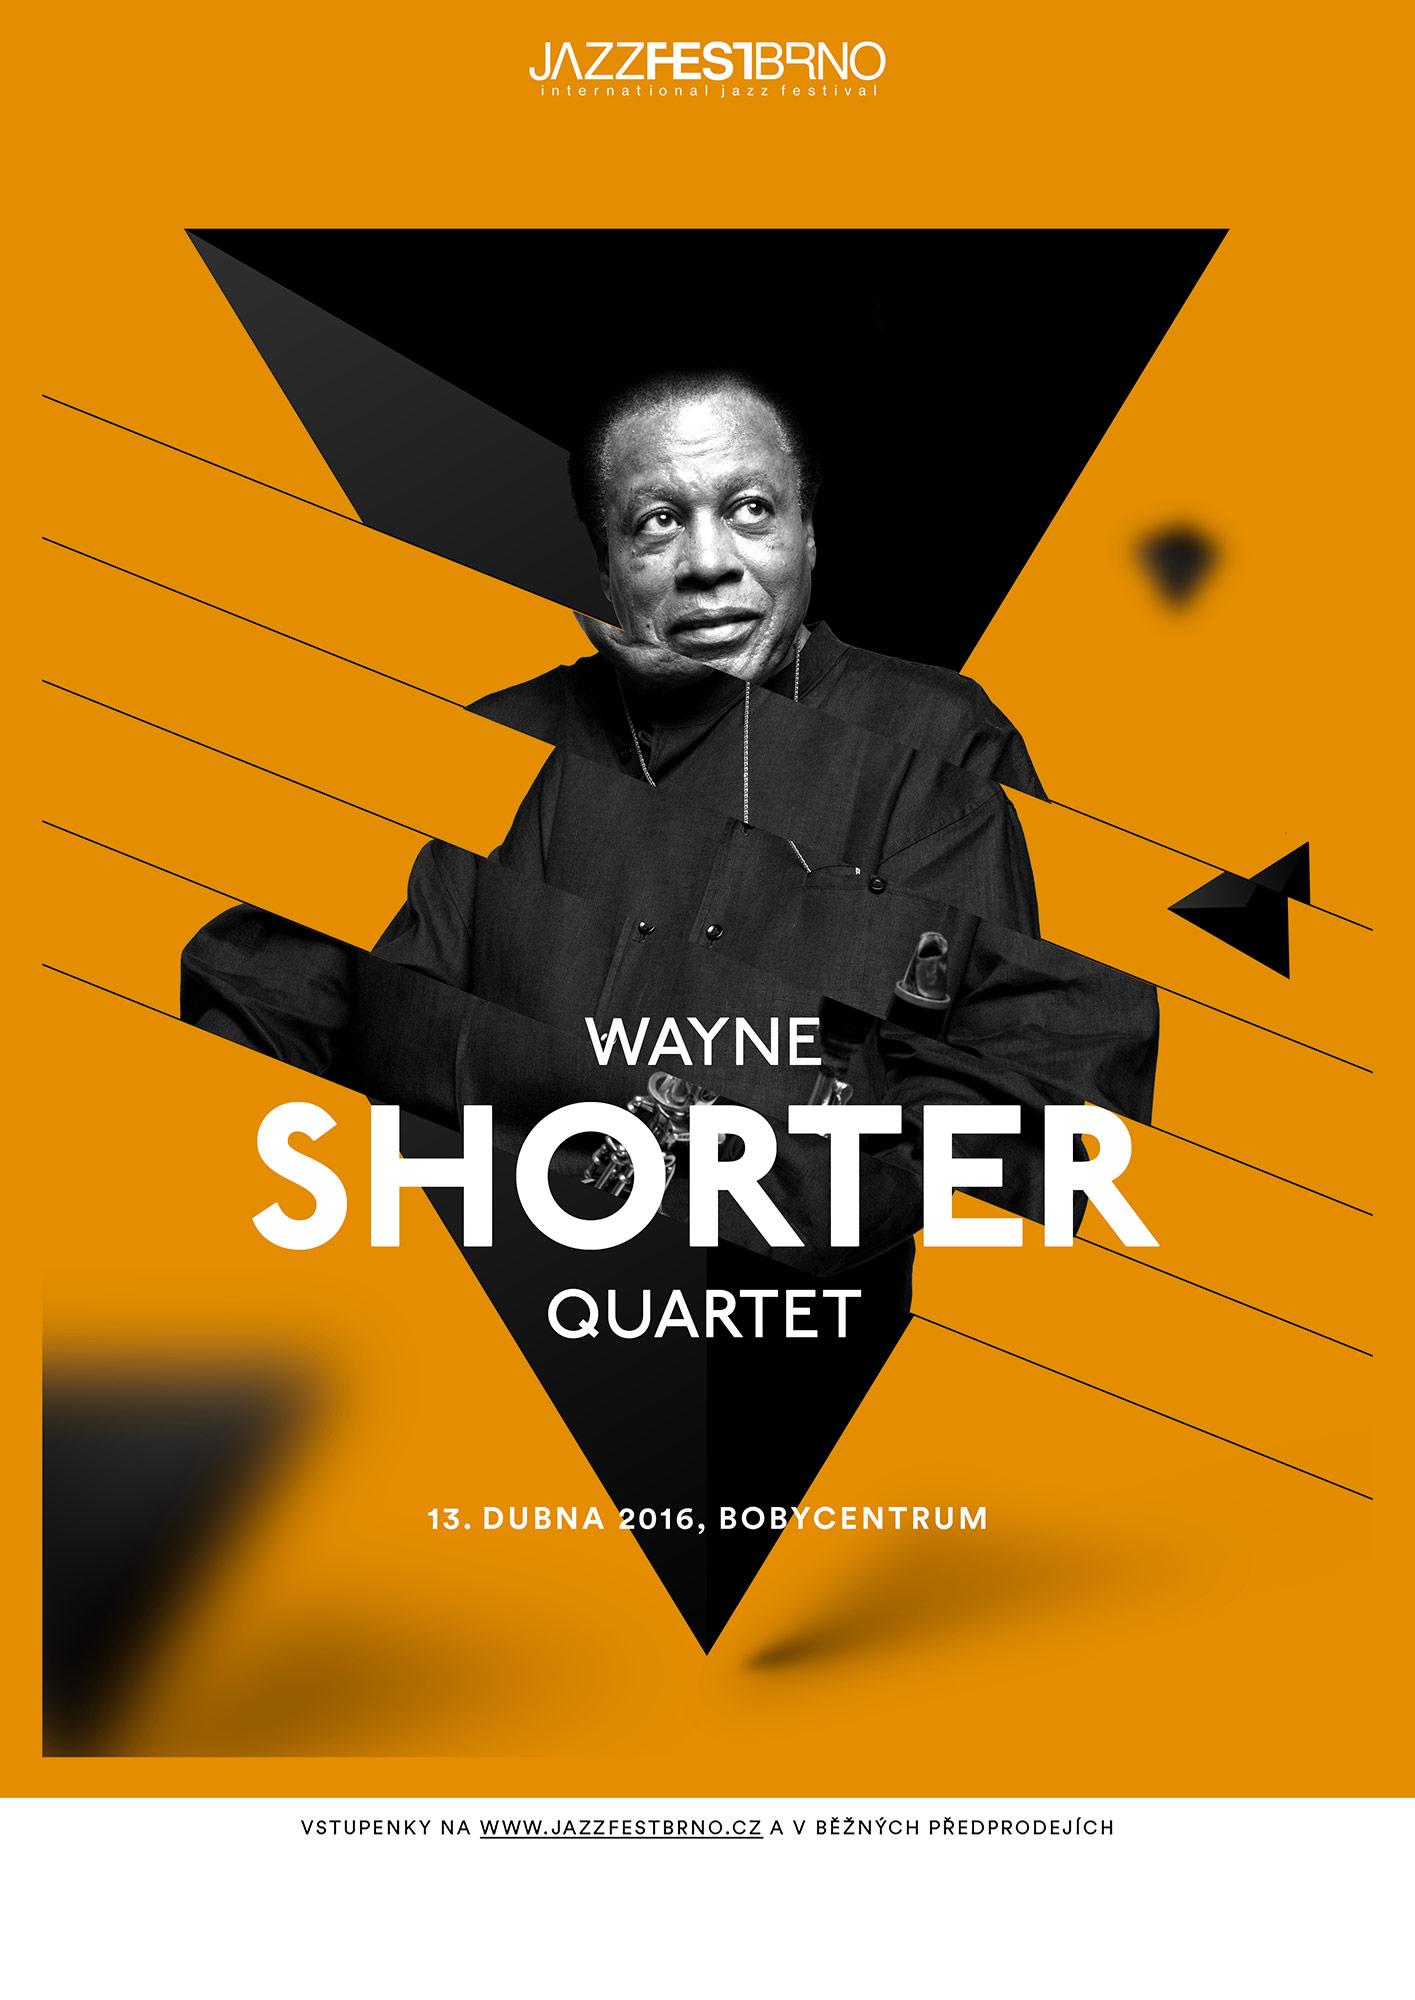 Jazzfestbrno 2016 - Wayne Shorter Quartet